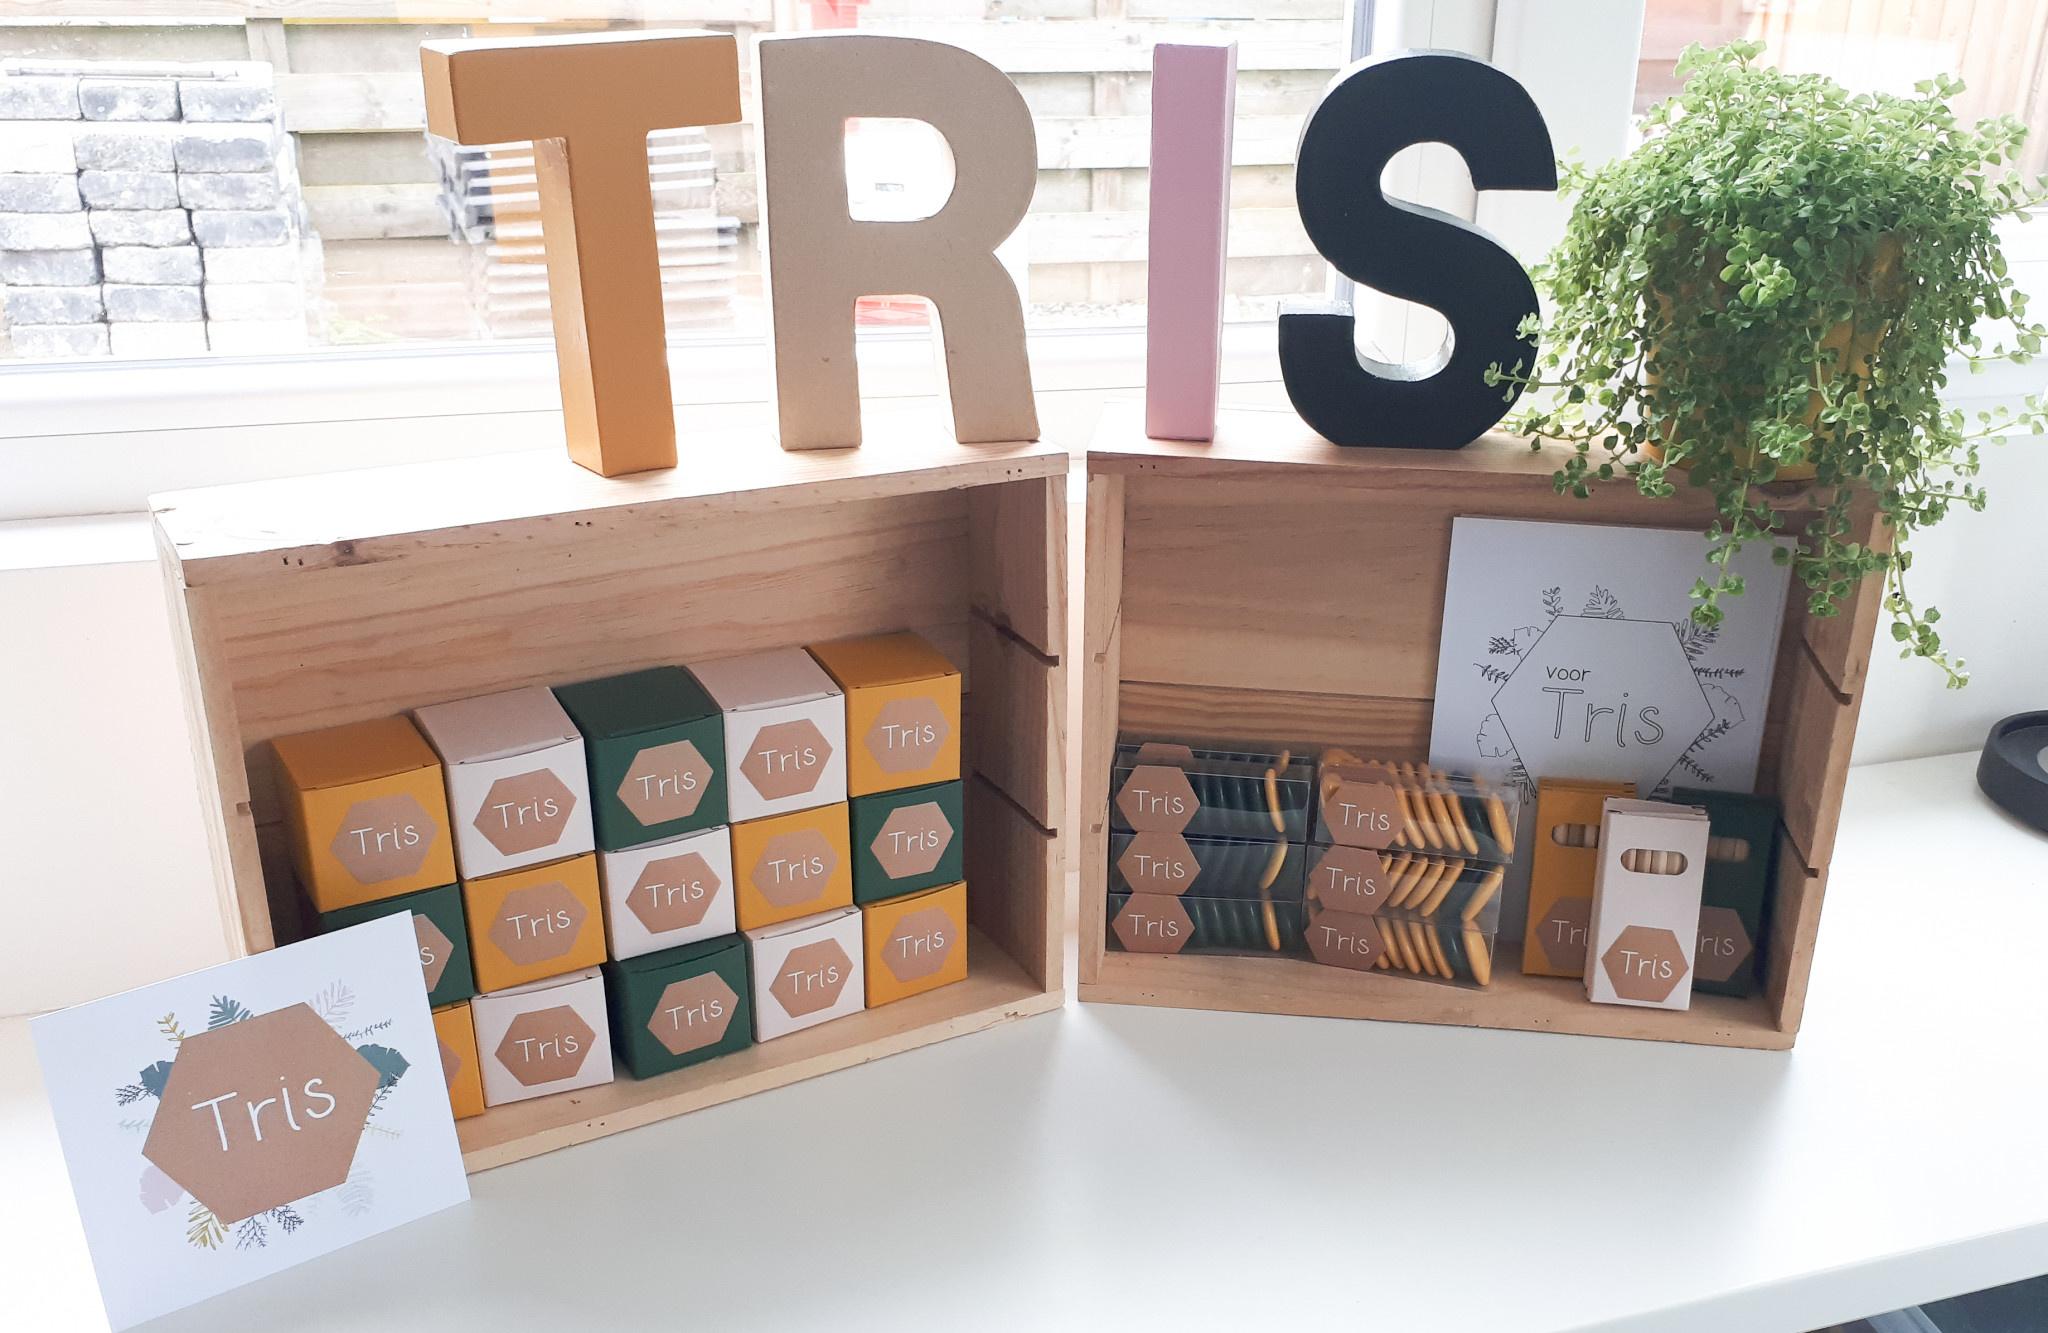 DS_Tris